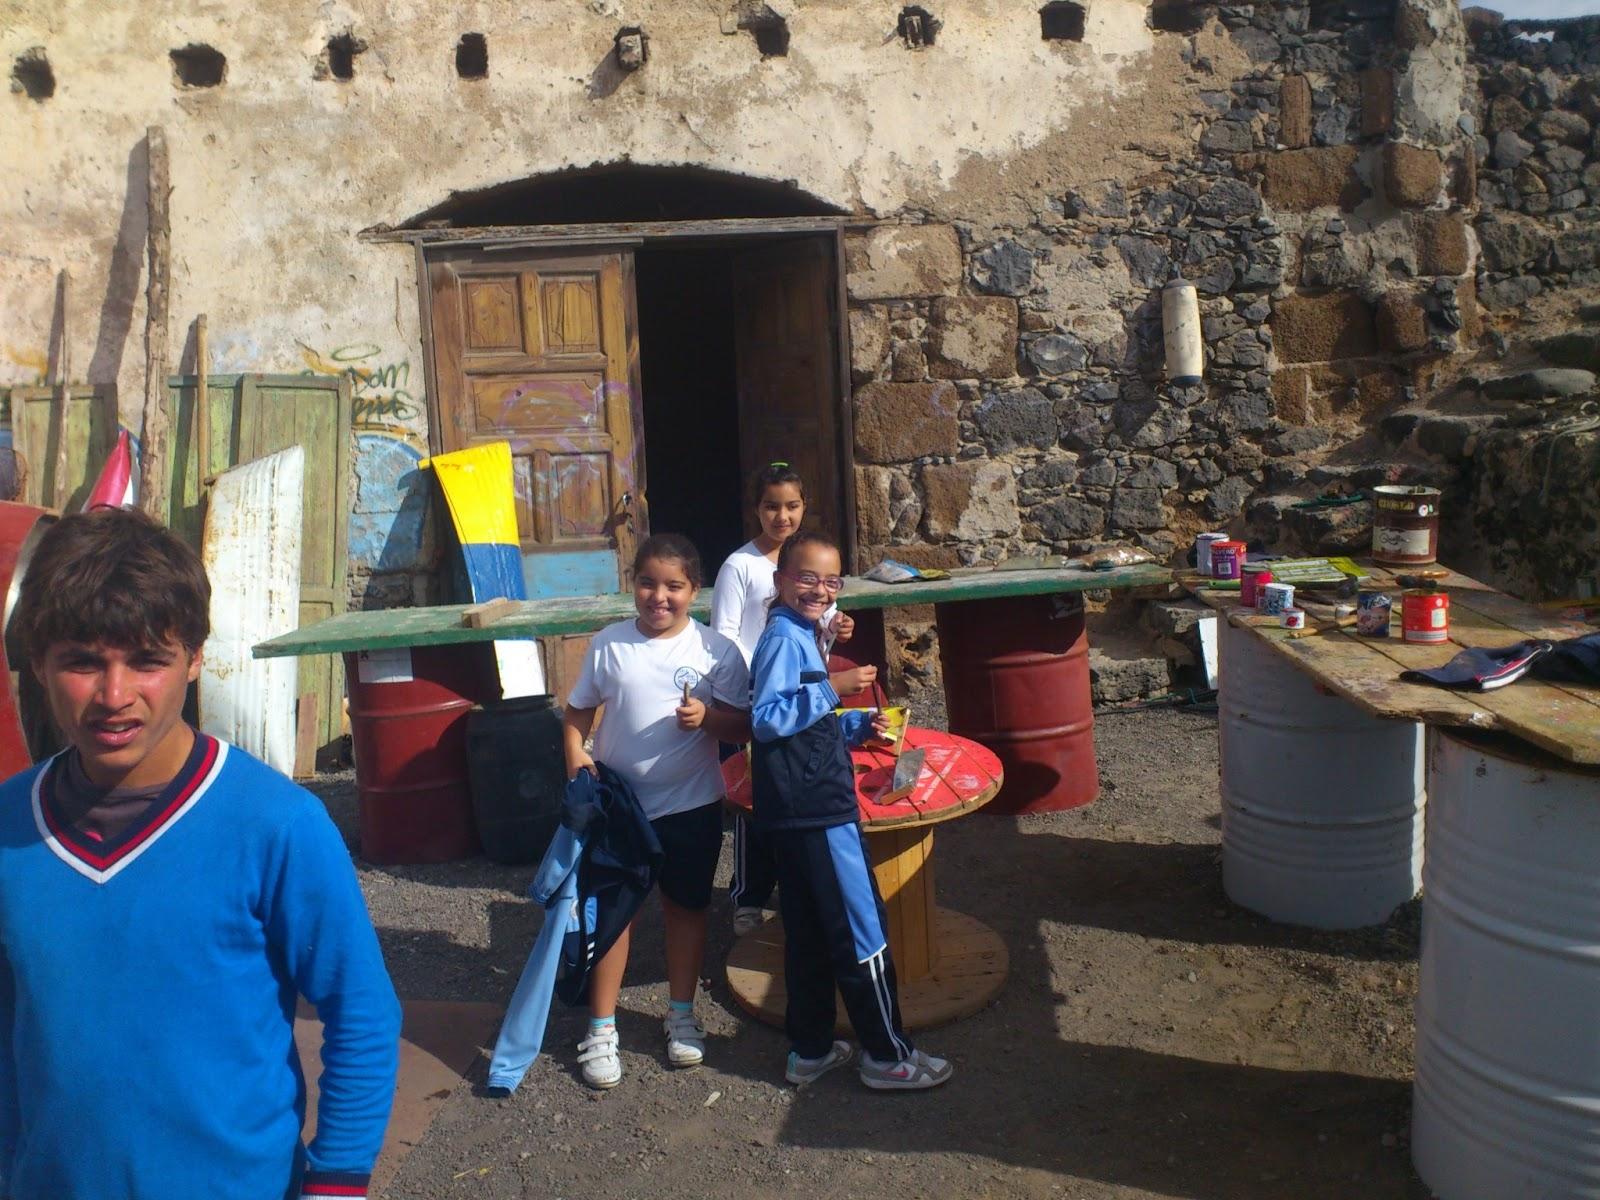 Blog de cuarto de primaria cuarto a haciendo jolateros for Cuarto primaria